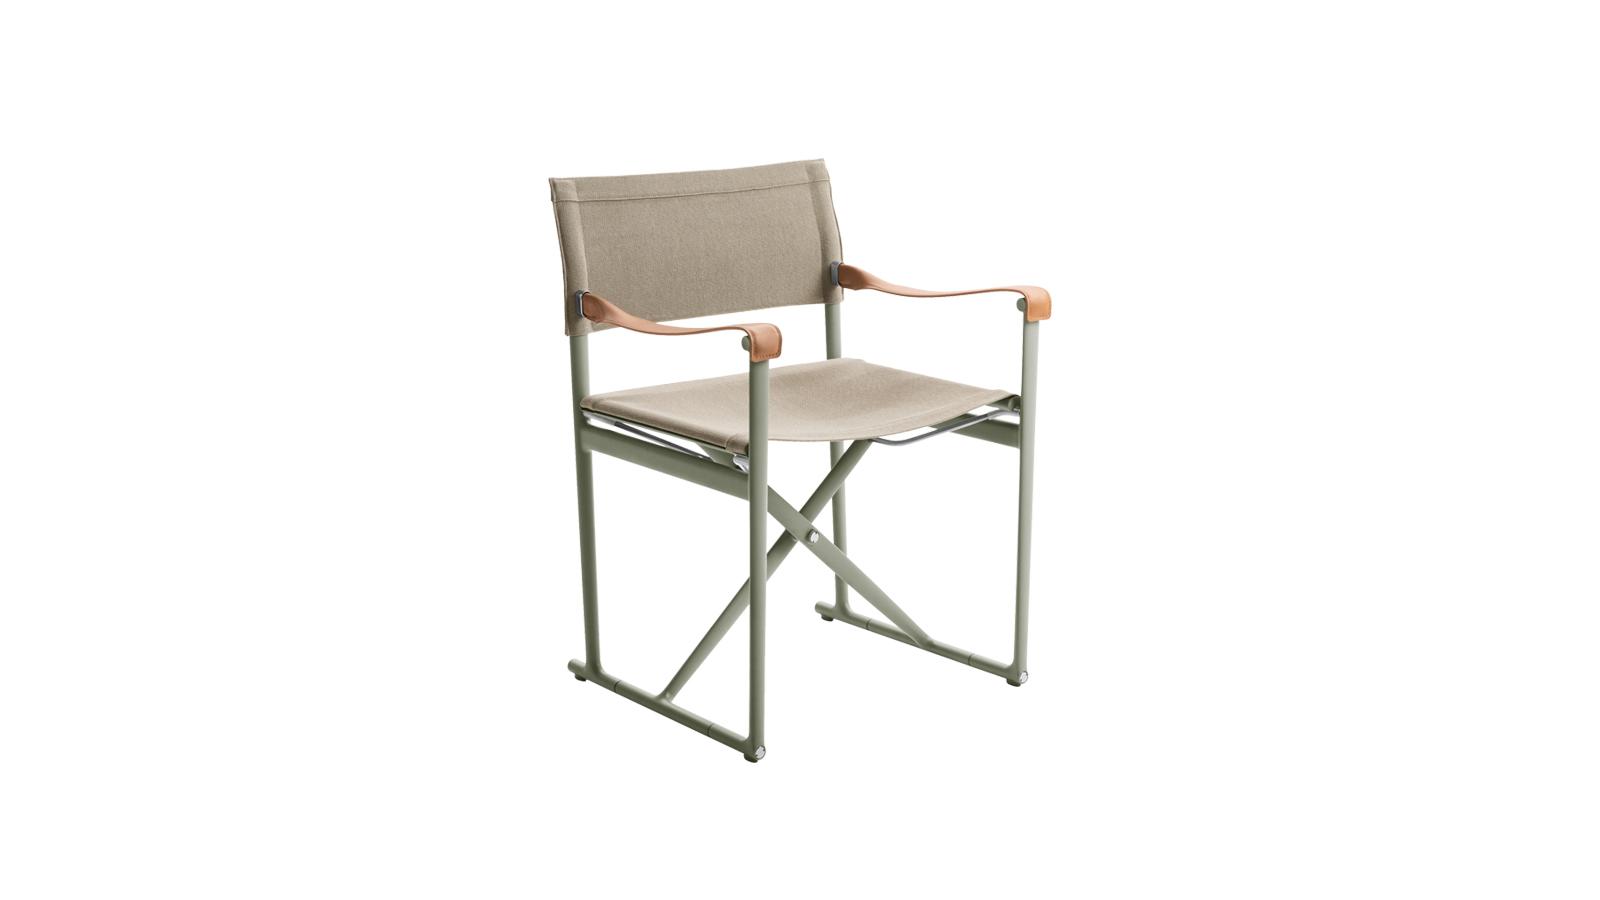 A klasszikus rendezői széket értelmezi újra, és látja el kortárs jellemzőkkel a Mirto. A minőségi ülés nemcsak strapabíró, de alkalmazkodik is használója testéhez. Összecsukható kialakításának hála vendégszékként, de fotózások, forgatások kellékeként is használható, ahol megpihenhetnek az ott dolgozók.